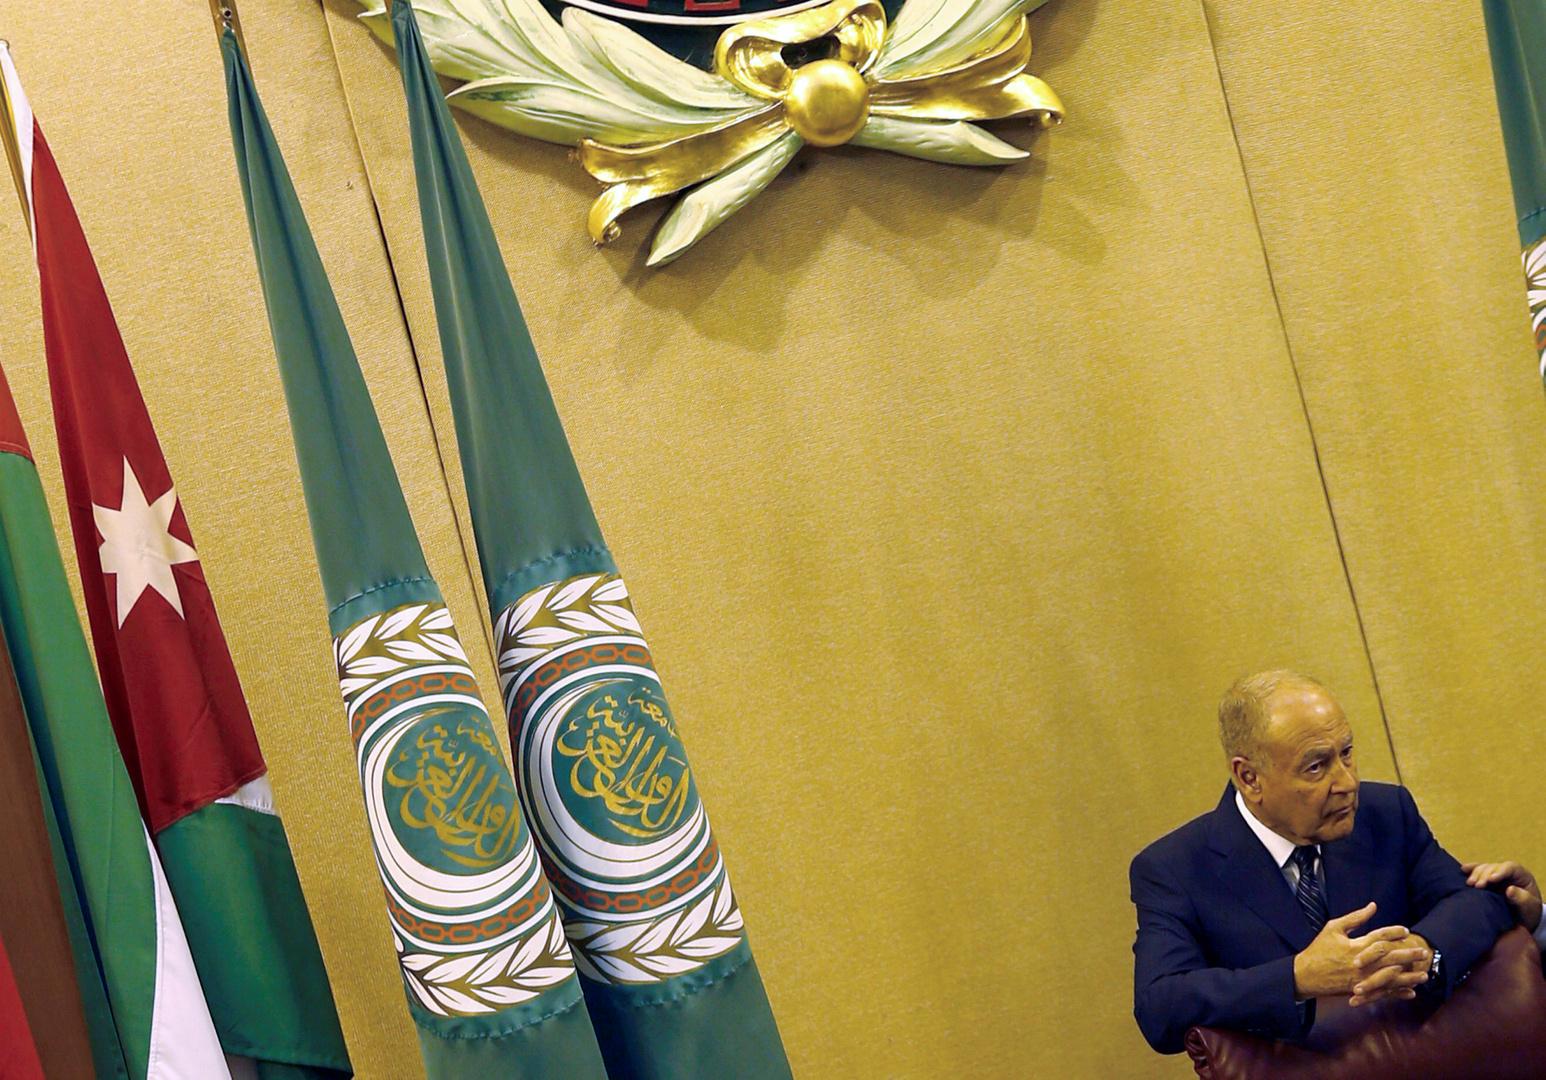 وزراء الخارجية العرب يوافقون على التجديد لأحمد أبو الغيط بطلب من مصر